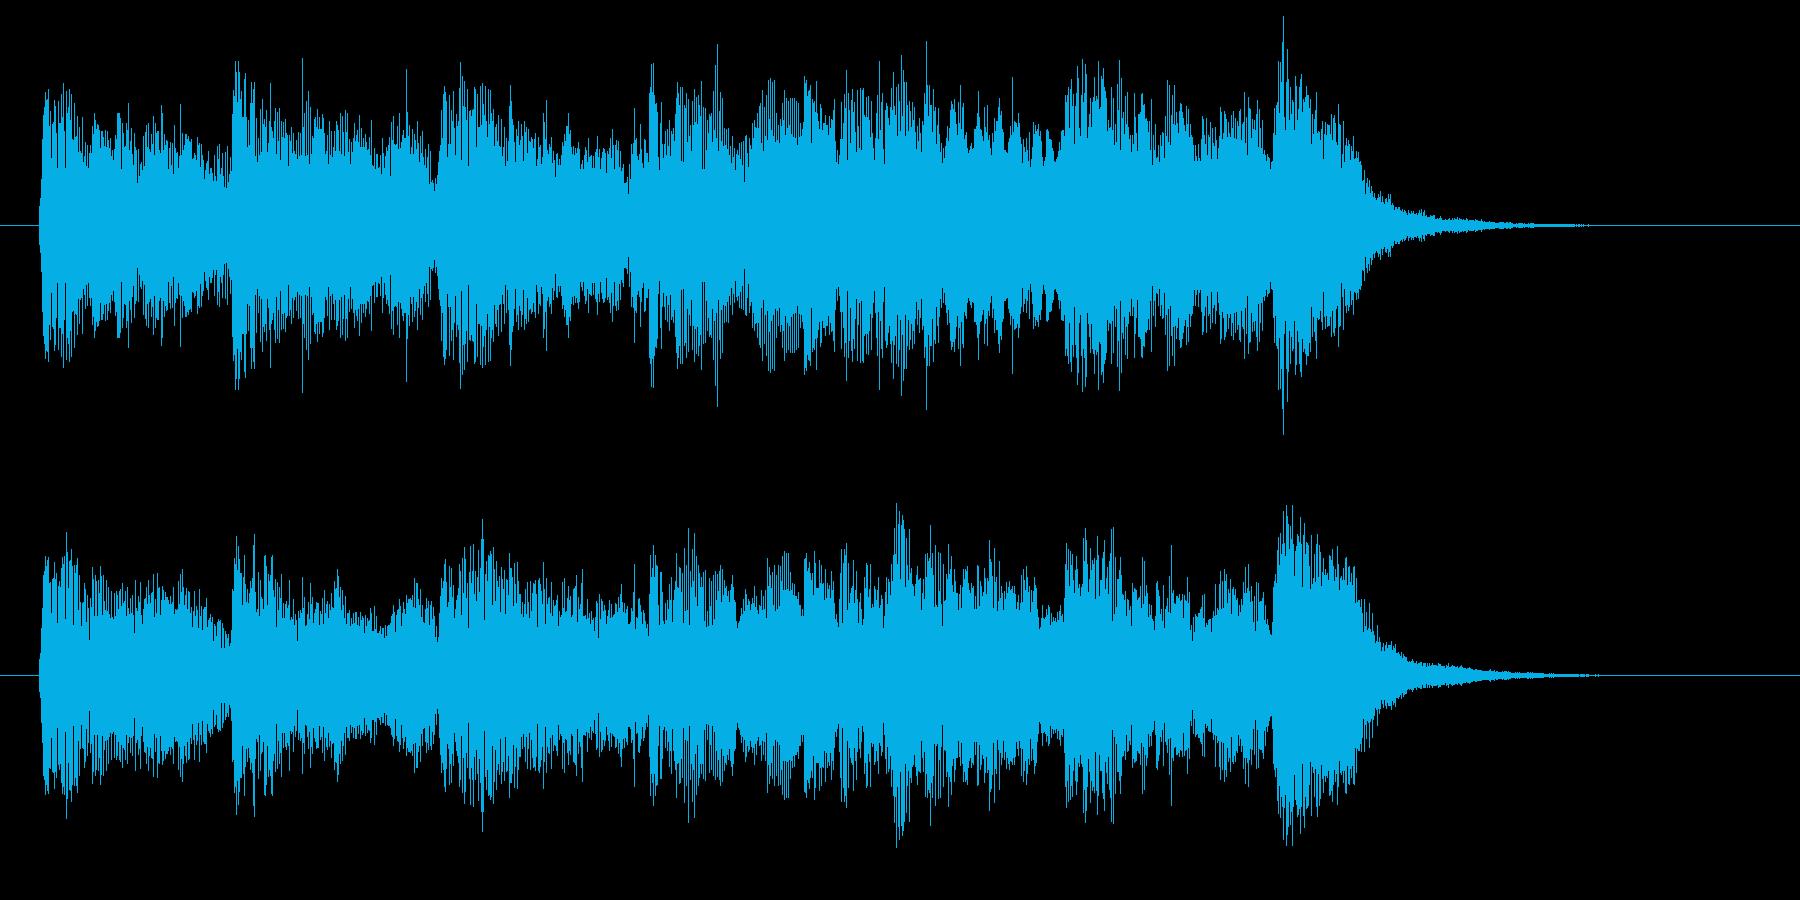 ビブラフォンの音が幻想的なバラードの再生済みの波形